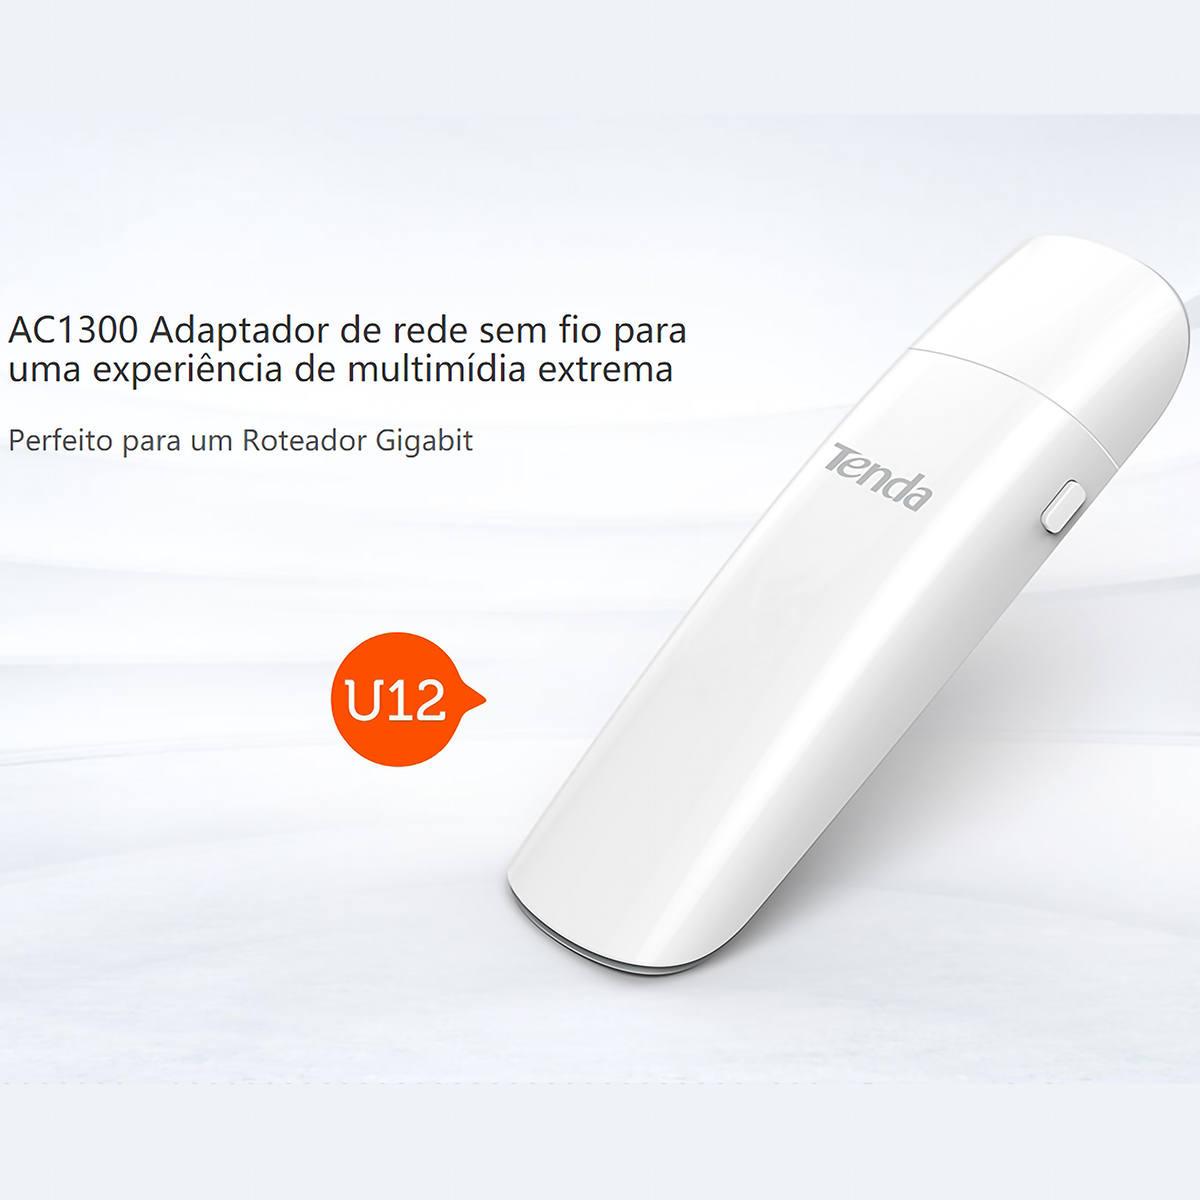 Adaptador USB Wireless 1300Mbps 802.11AC Sem Fio de Alta Performance Ideal para Rede Gigabit Tenda U12